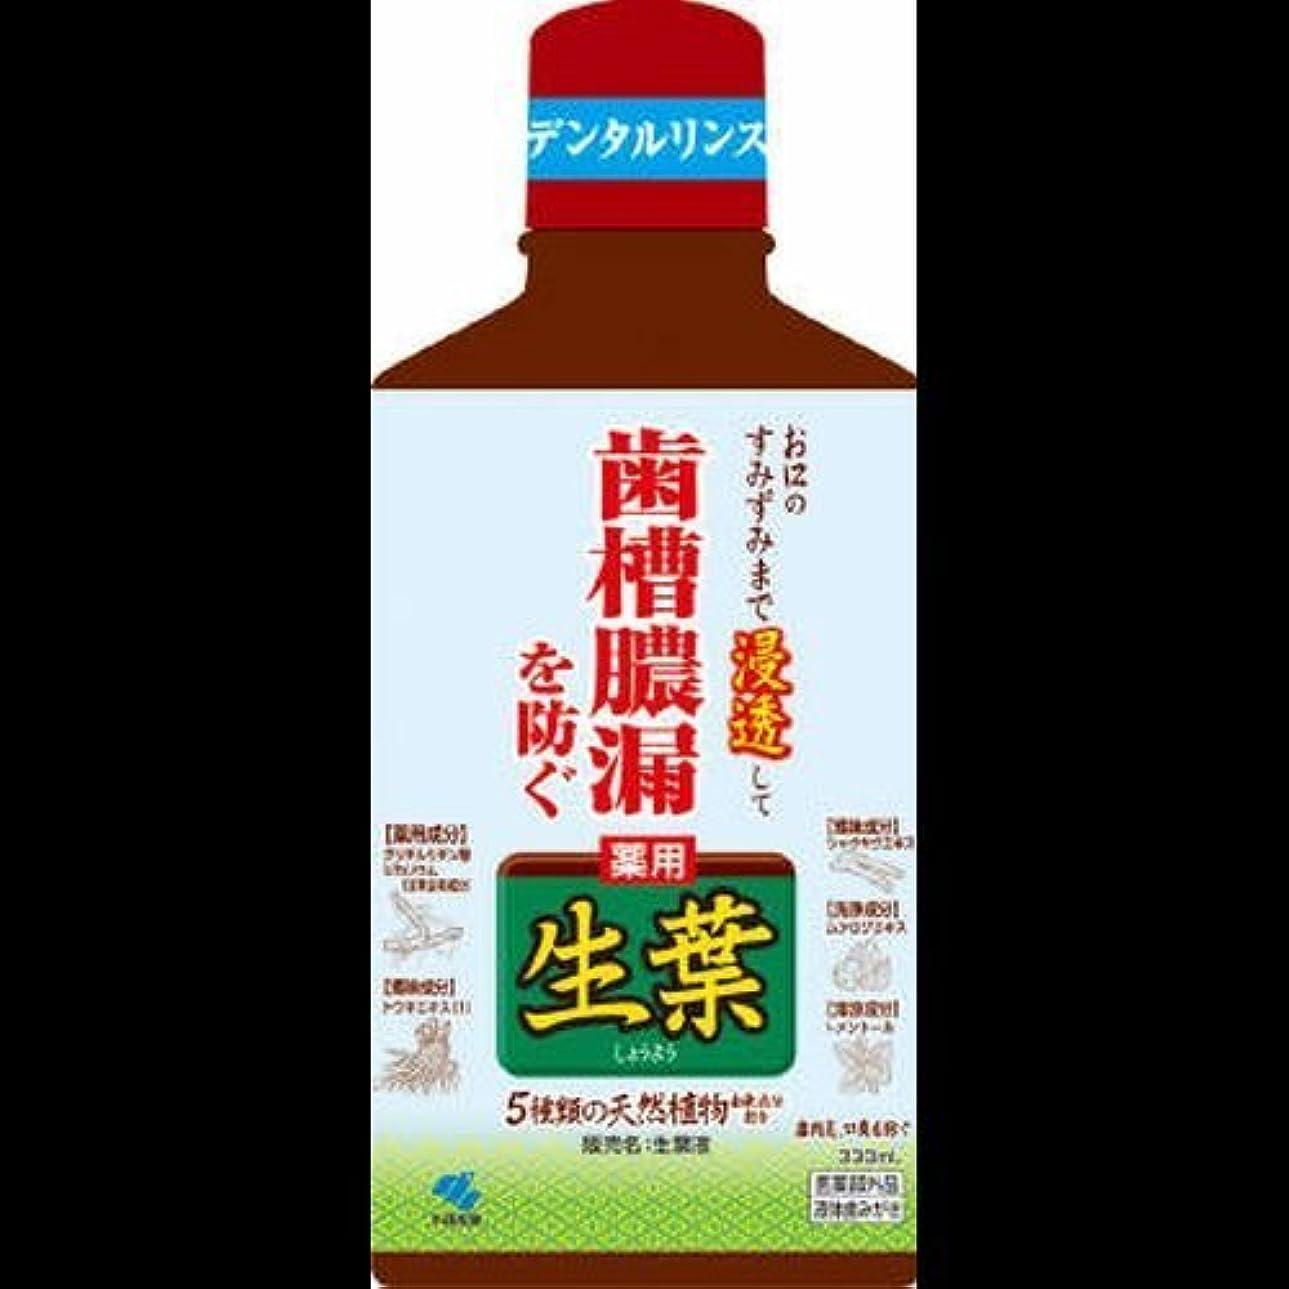 報復する安全型生葉液(しょうようえき) 330mL 4987072069448 ×2セット